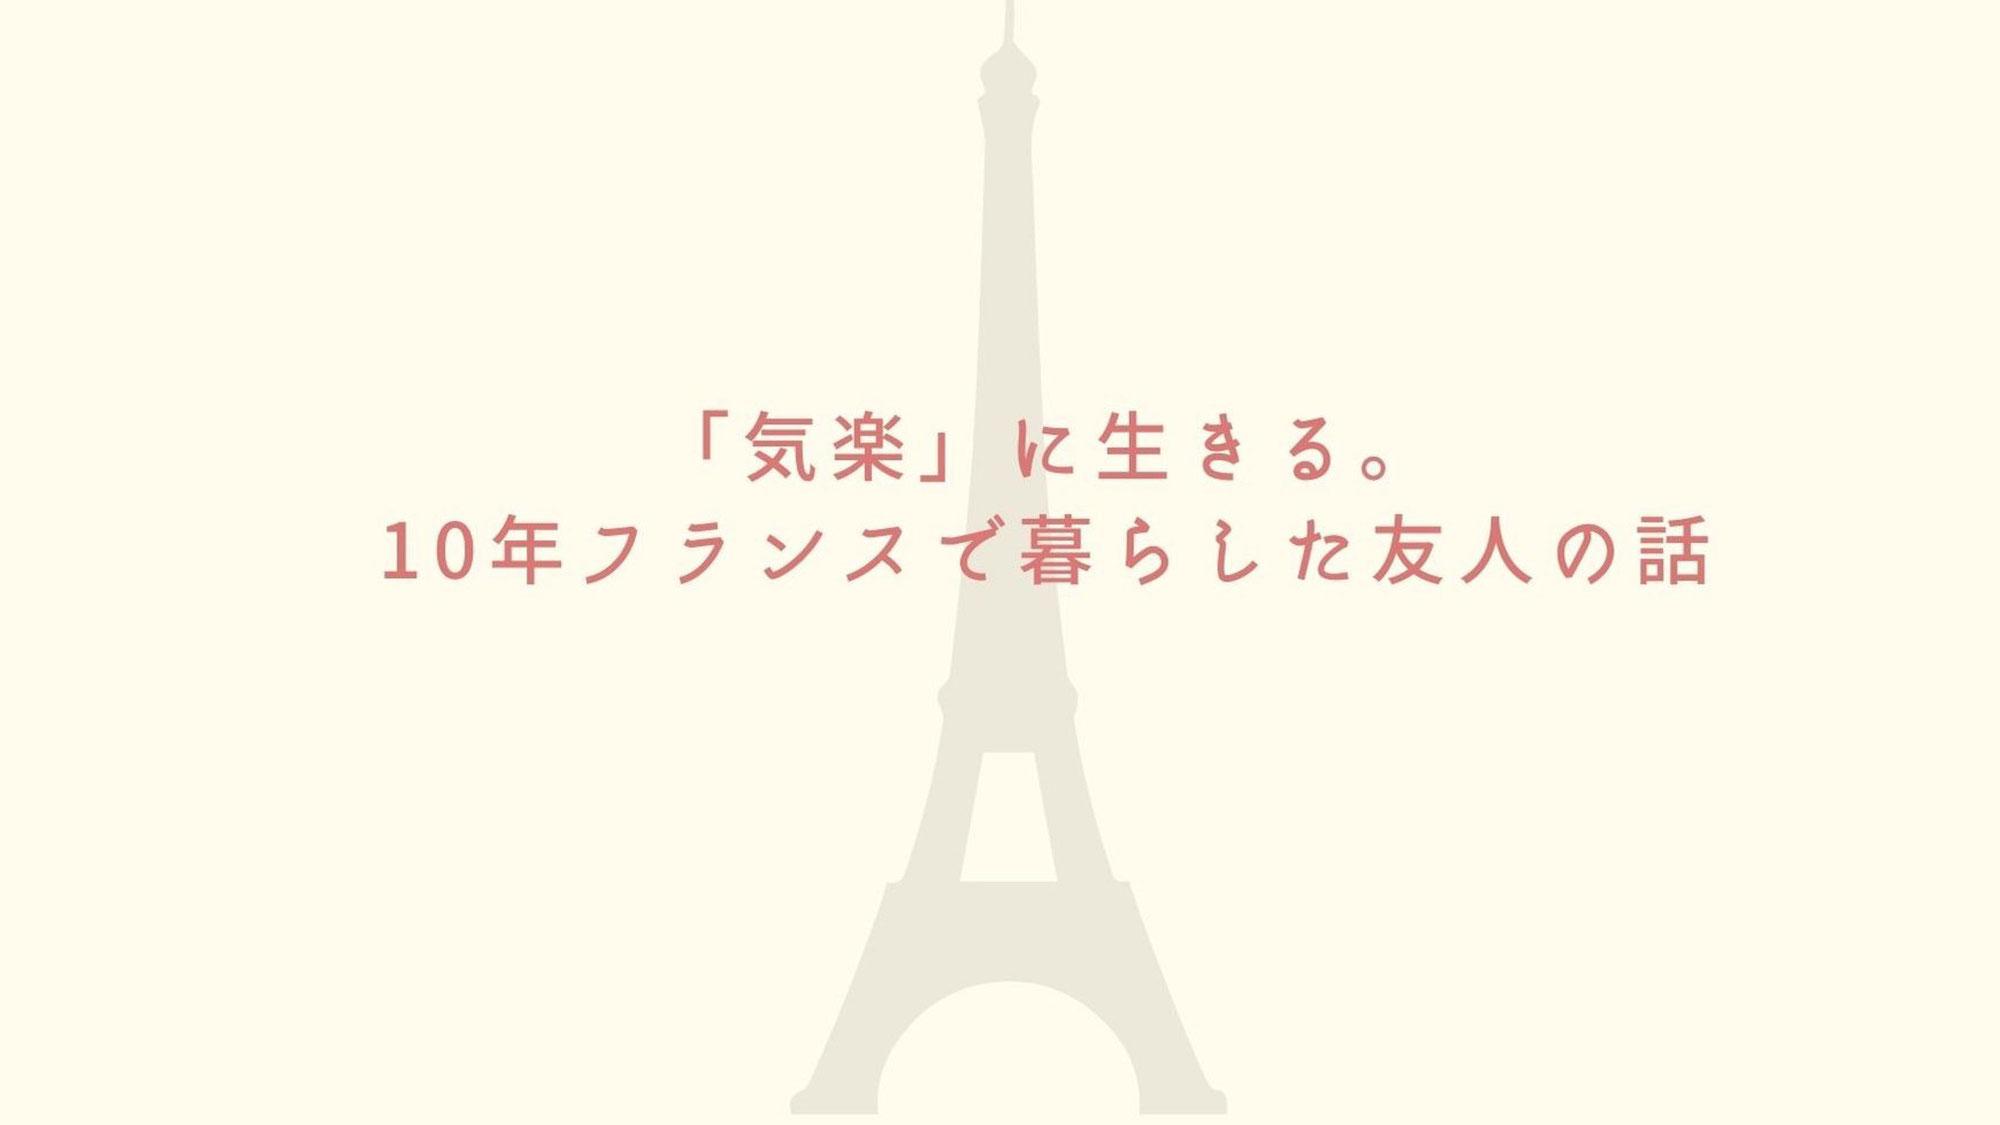 「気楽」に生きる。10年フランスで暮らした友人の話